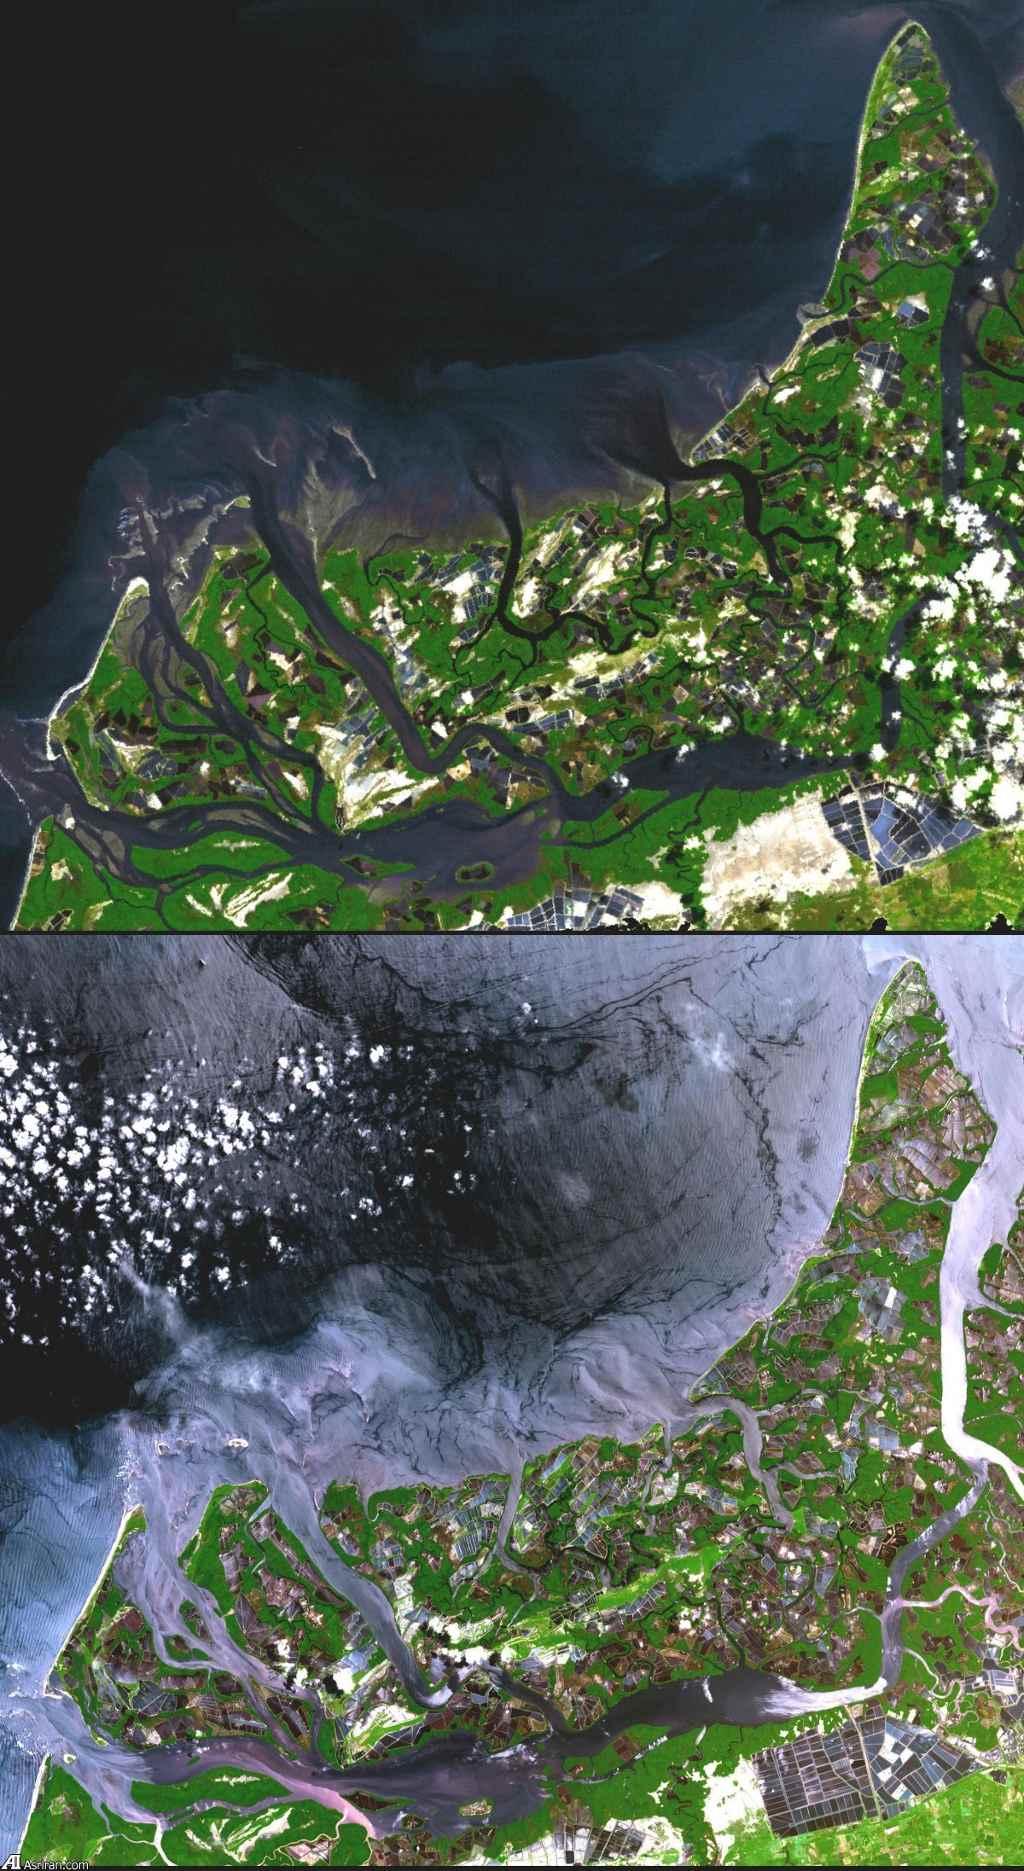 Vùng đầm lầy của Ecuador năm 1991 (ảnh trên) chuyển thành trang trại nuôi tôm năm 2001 (ảnh dưới).